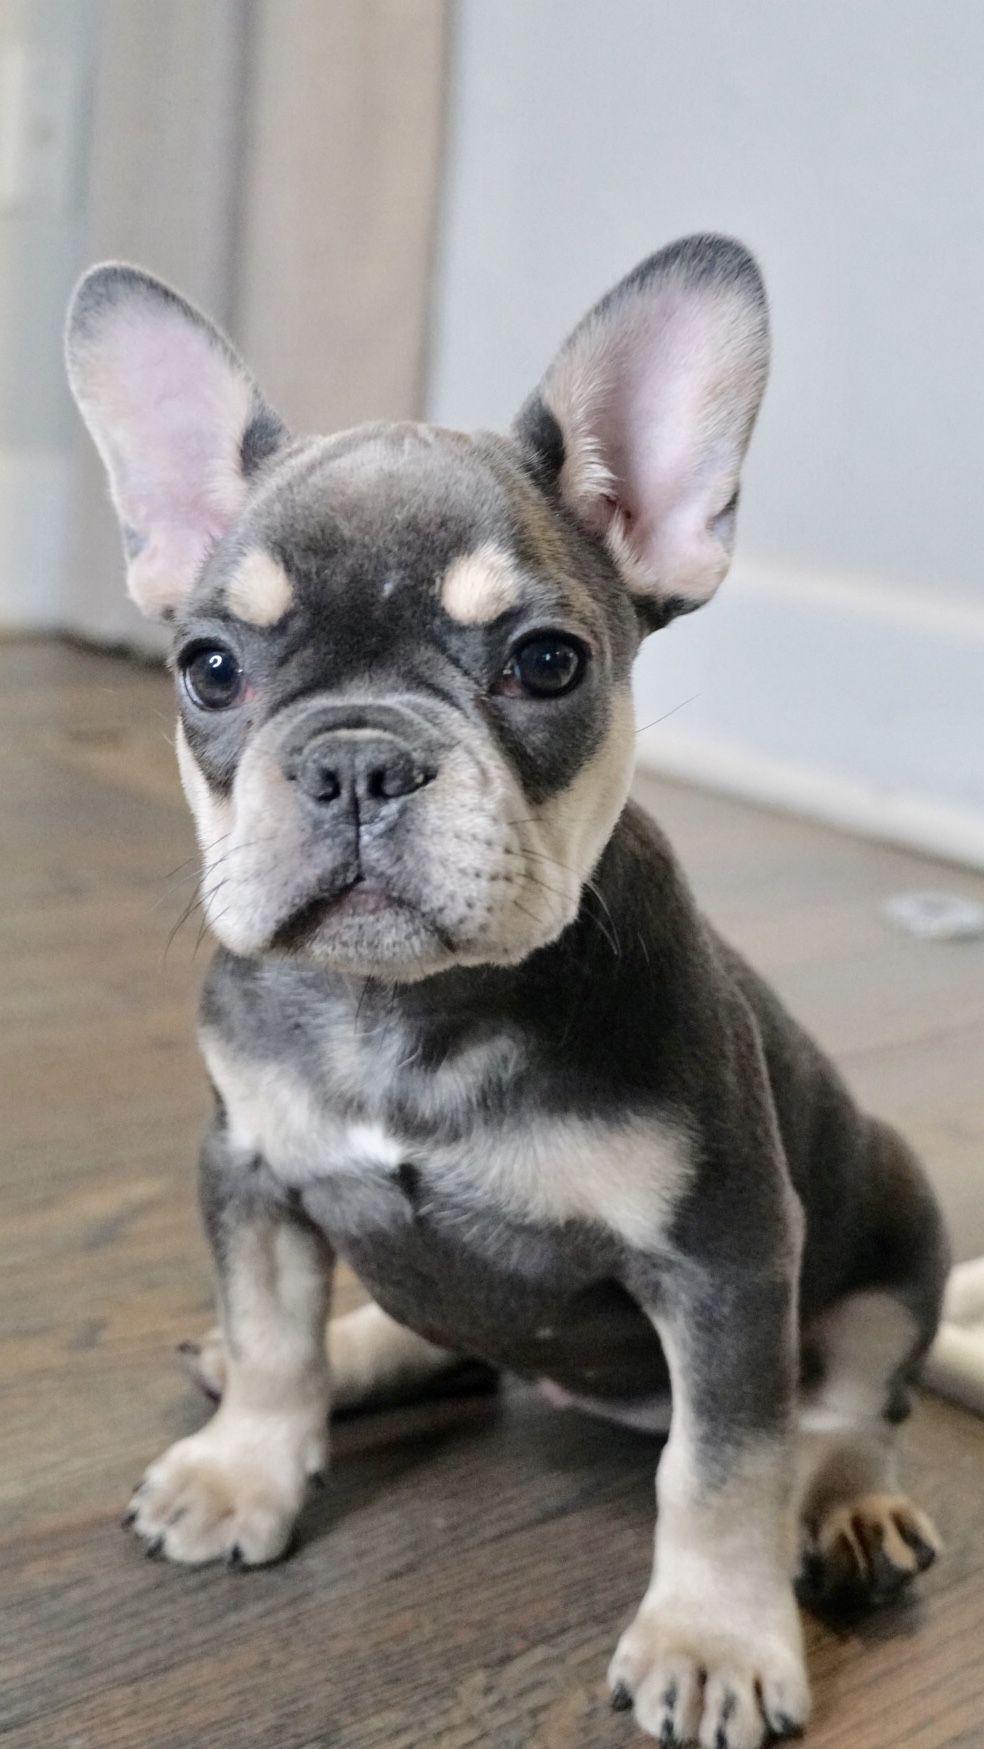 blue and tan french bulldog #walterthefrenchbulldog blue and